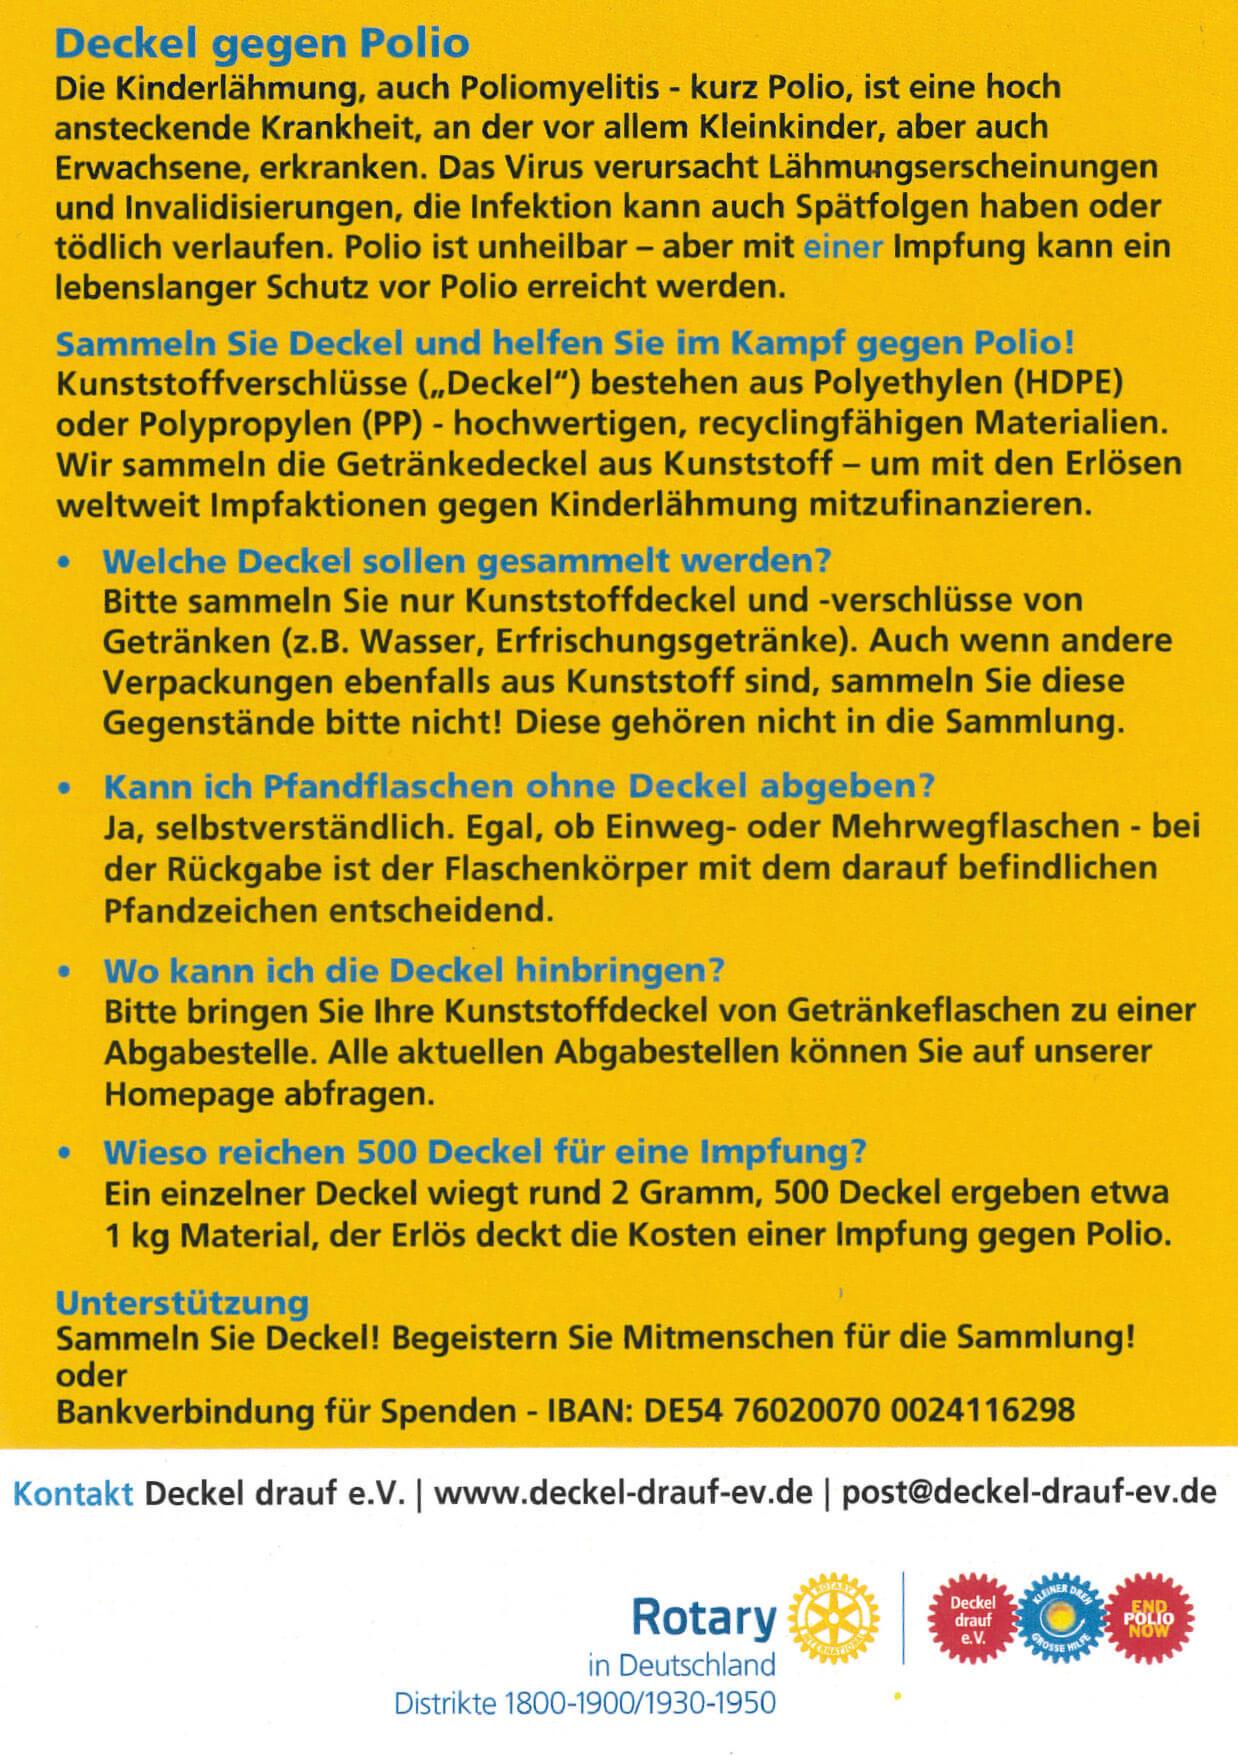 Deckel gegen Polio - Rotary Club Datteln-Lippe